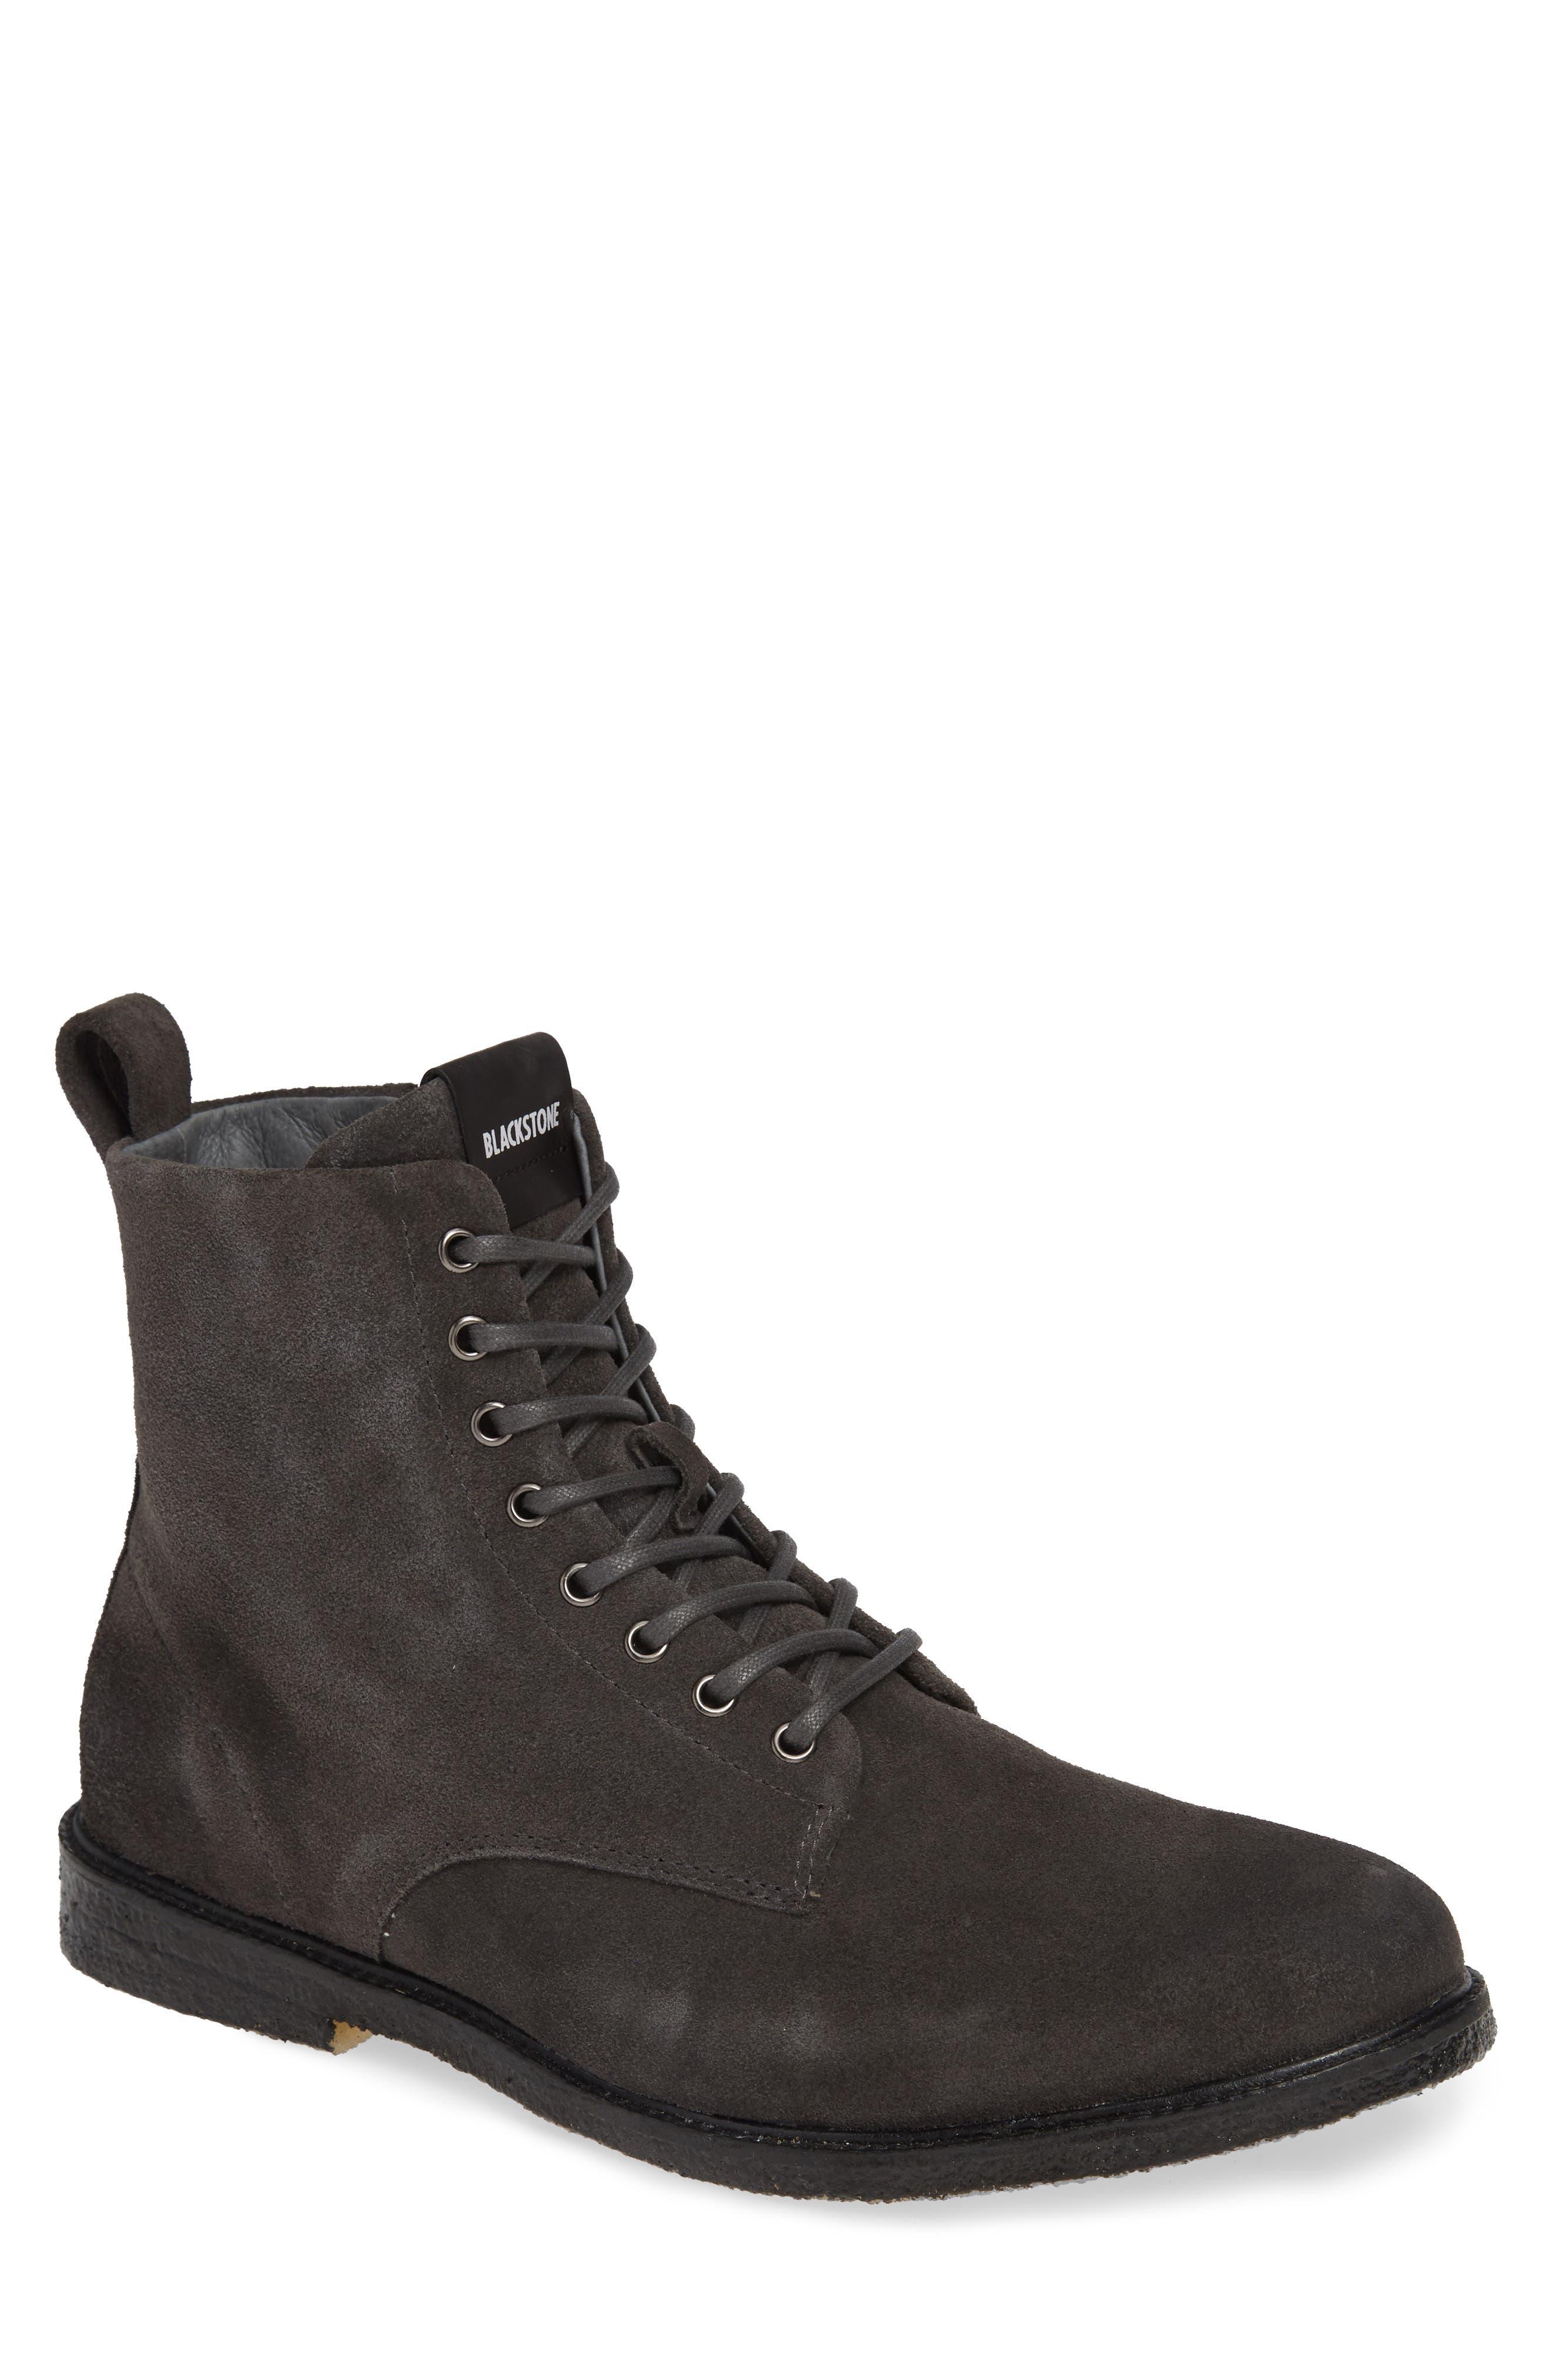 Blackstone Qm23 Plain Toe Boot, Blue